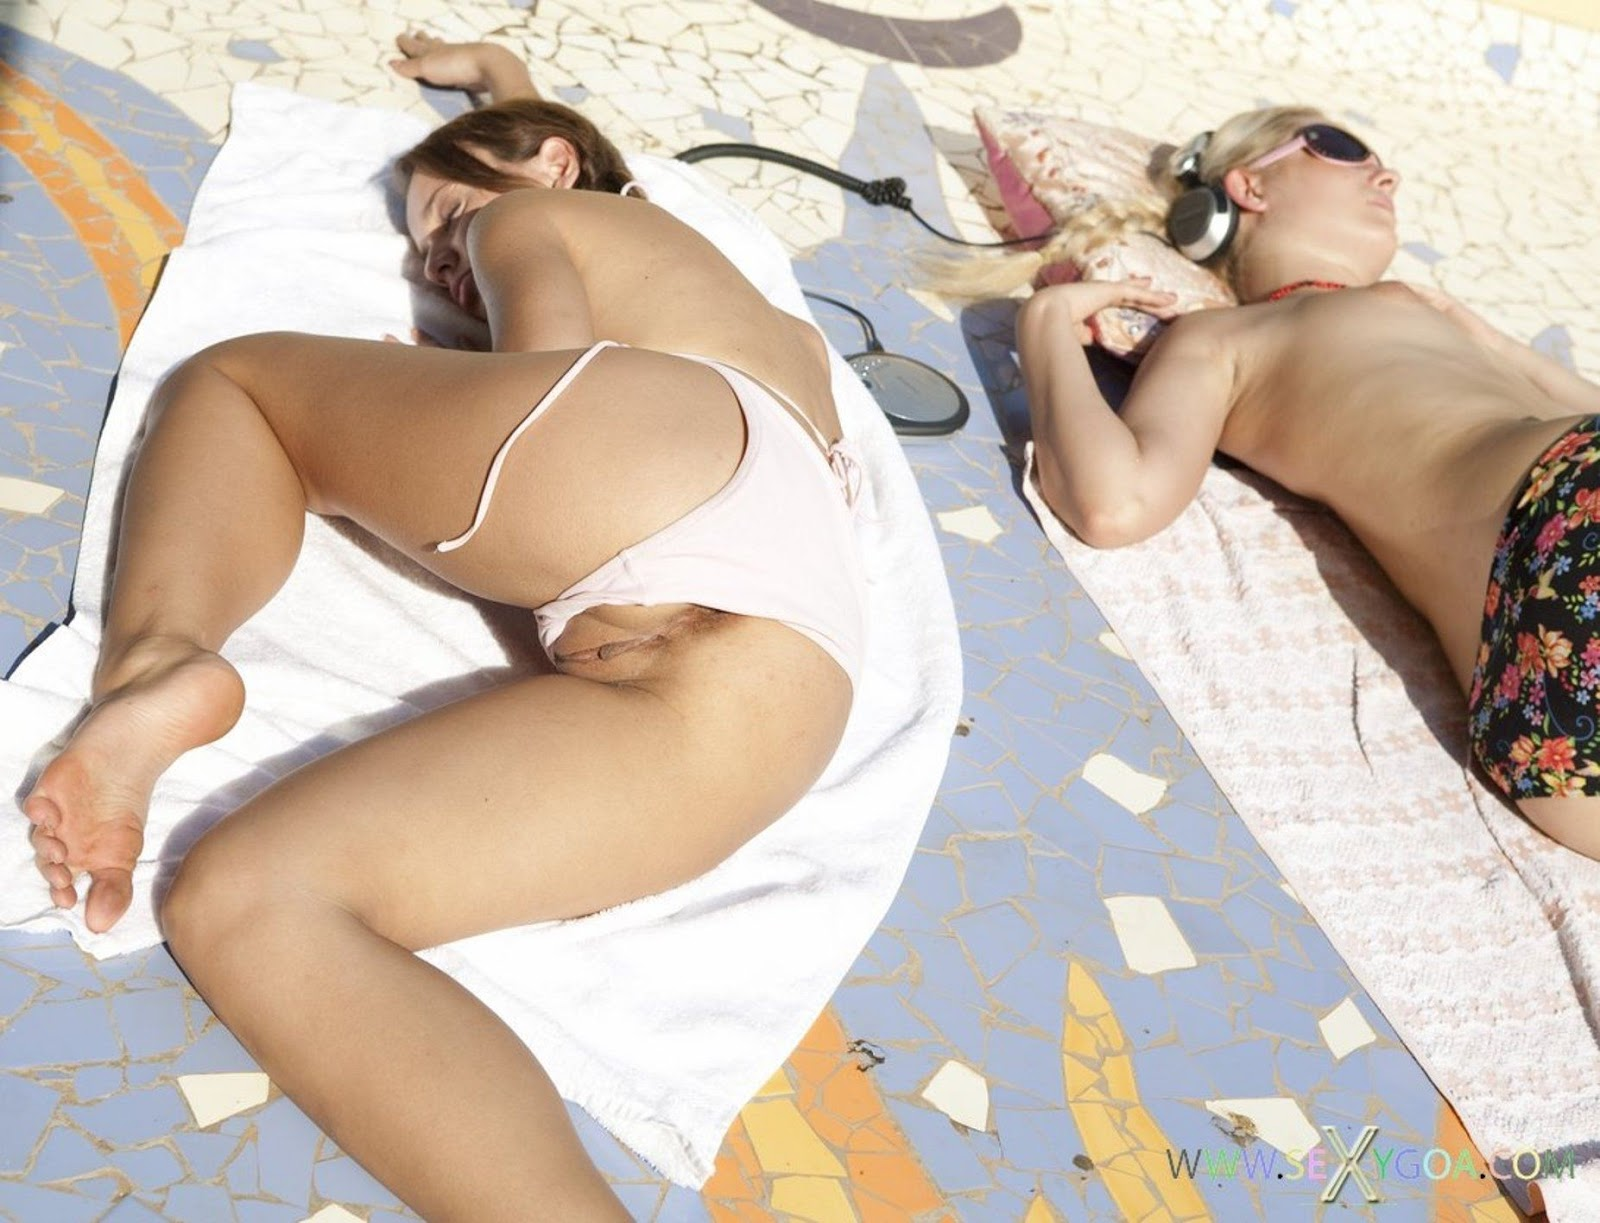 nudist norge porno shemale